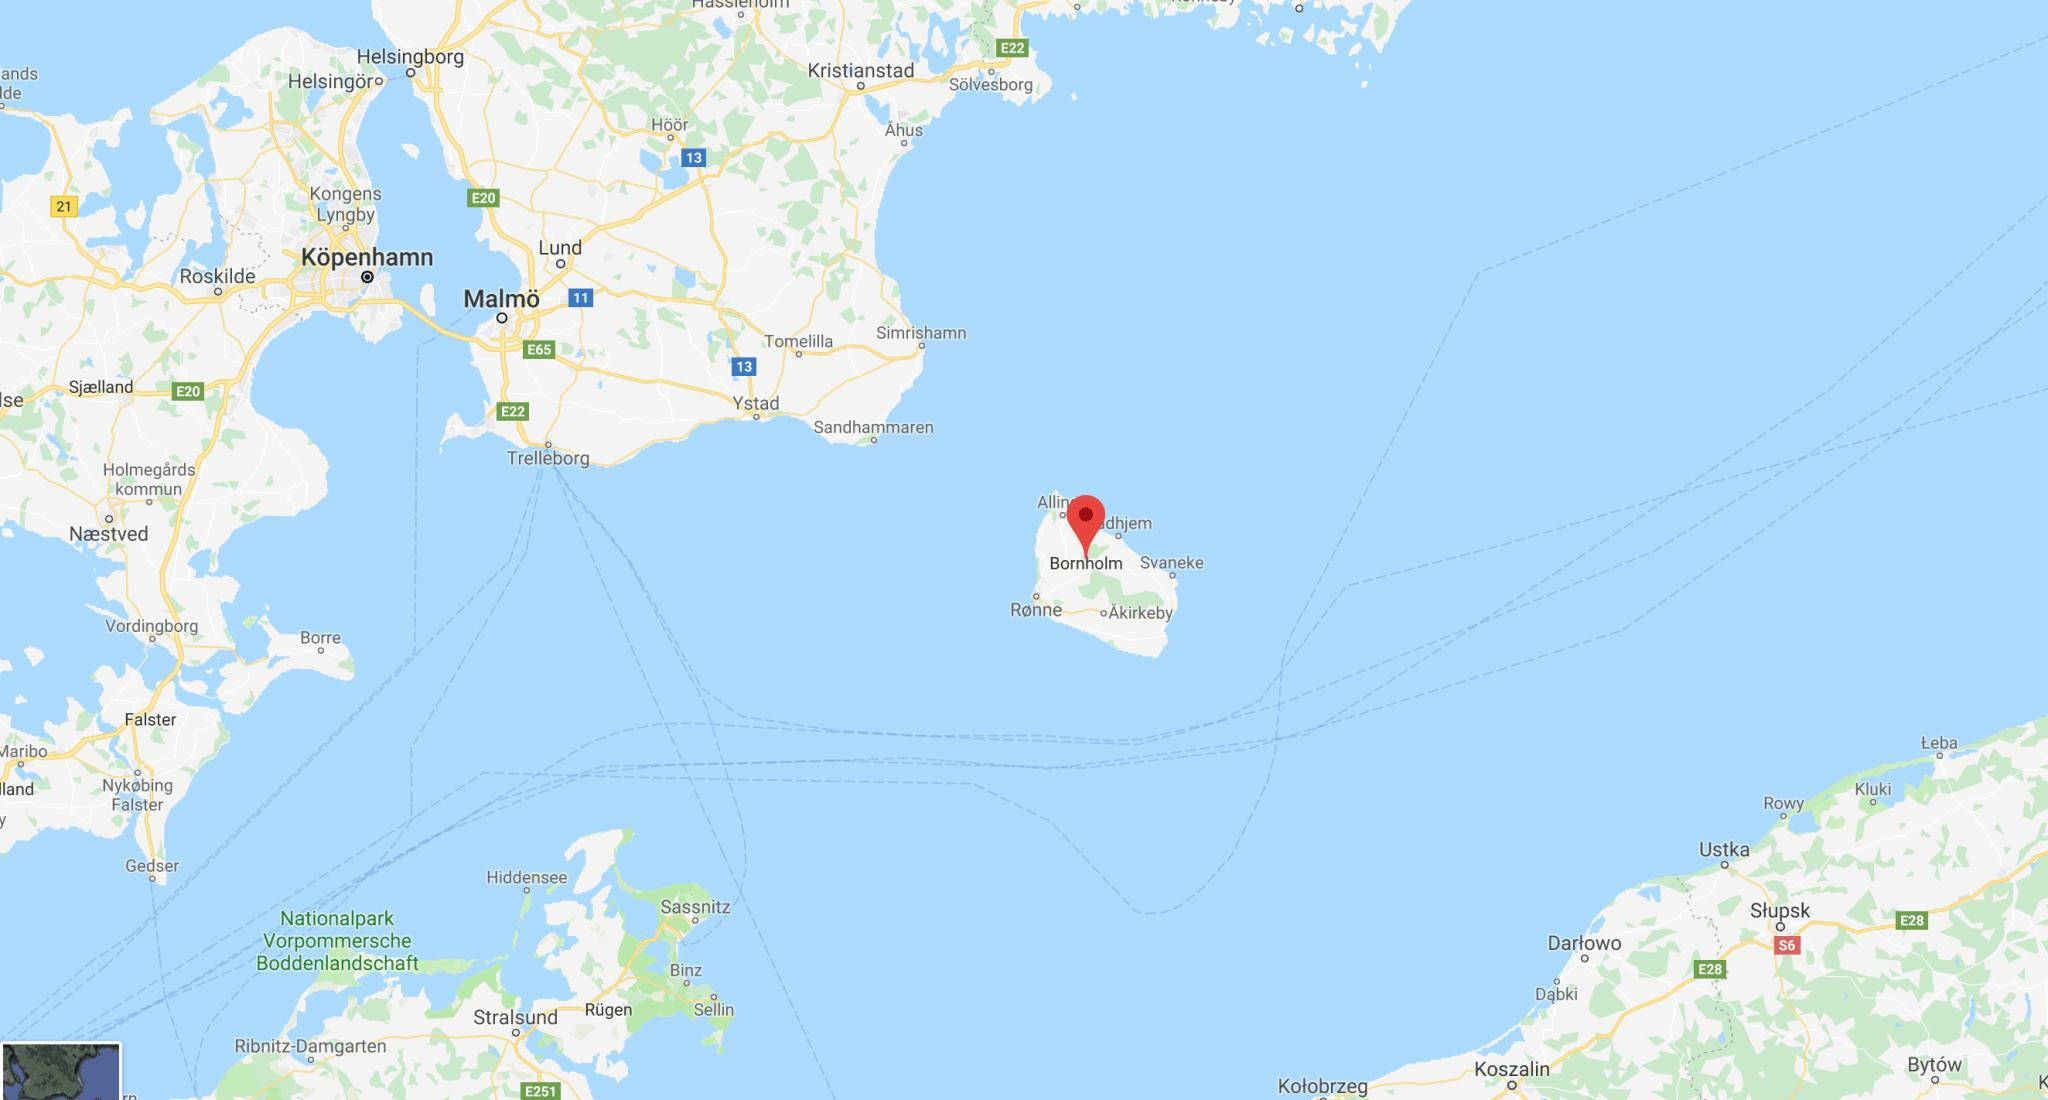 Bornholm ligger cirka fyra mil sydost om Malmö.